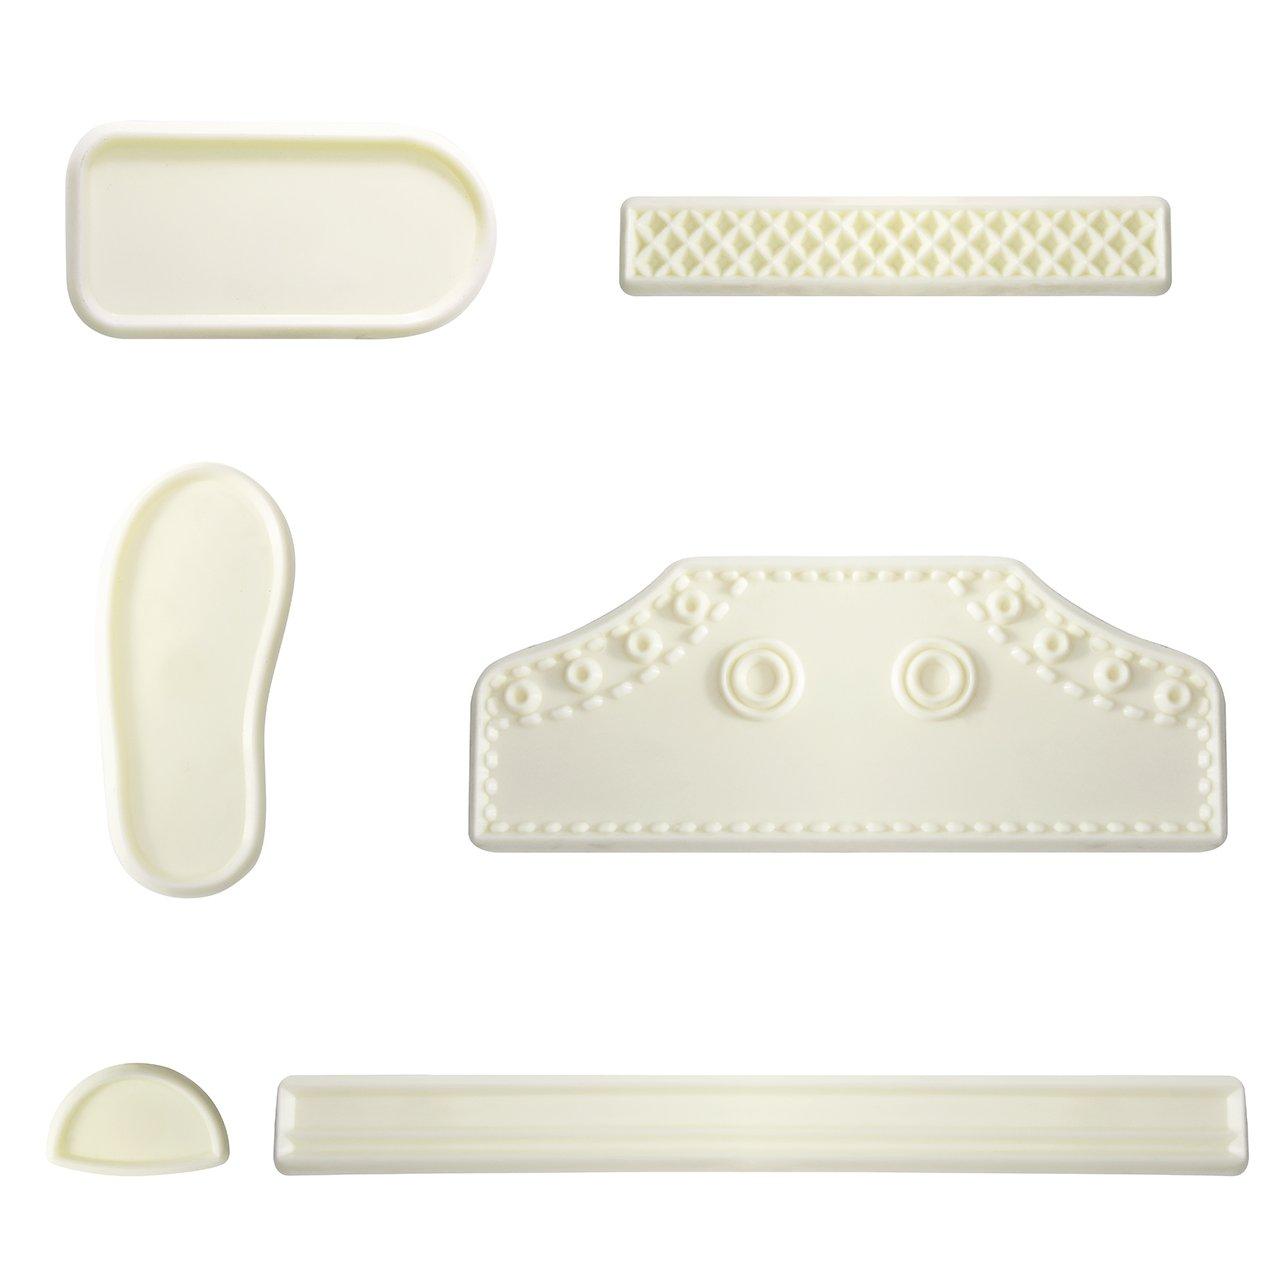 PME JEM 101CF008 High Cut Sneaker Cutter Set, White